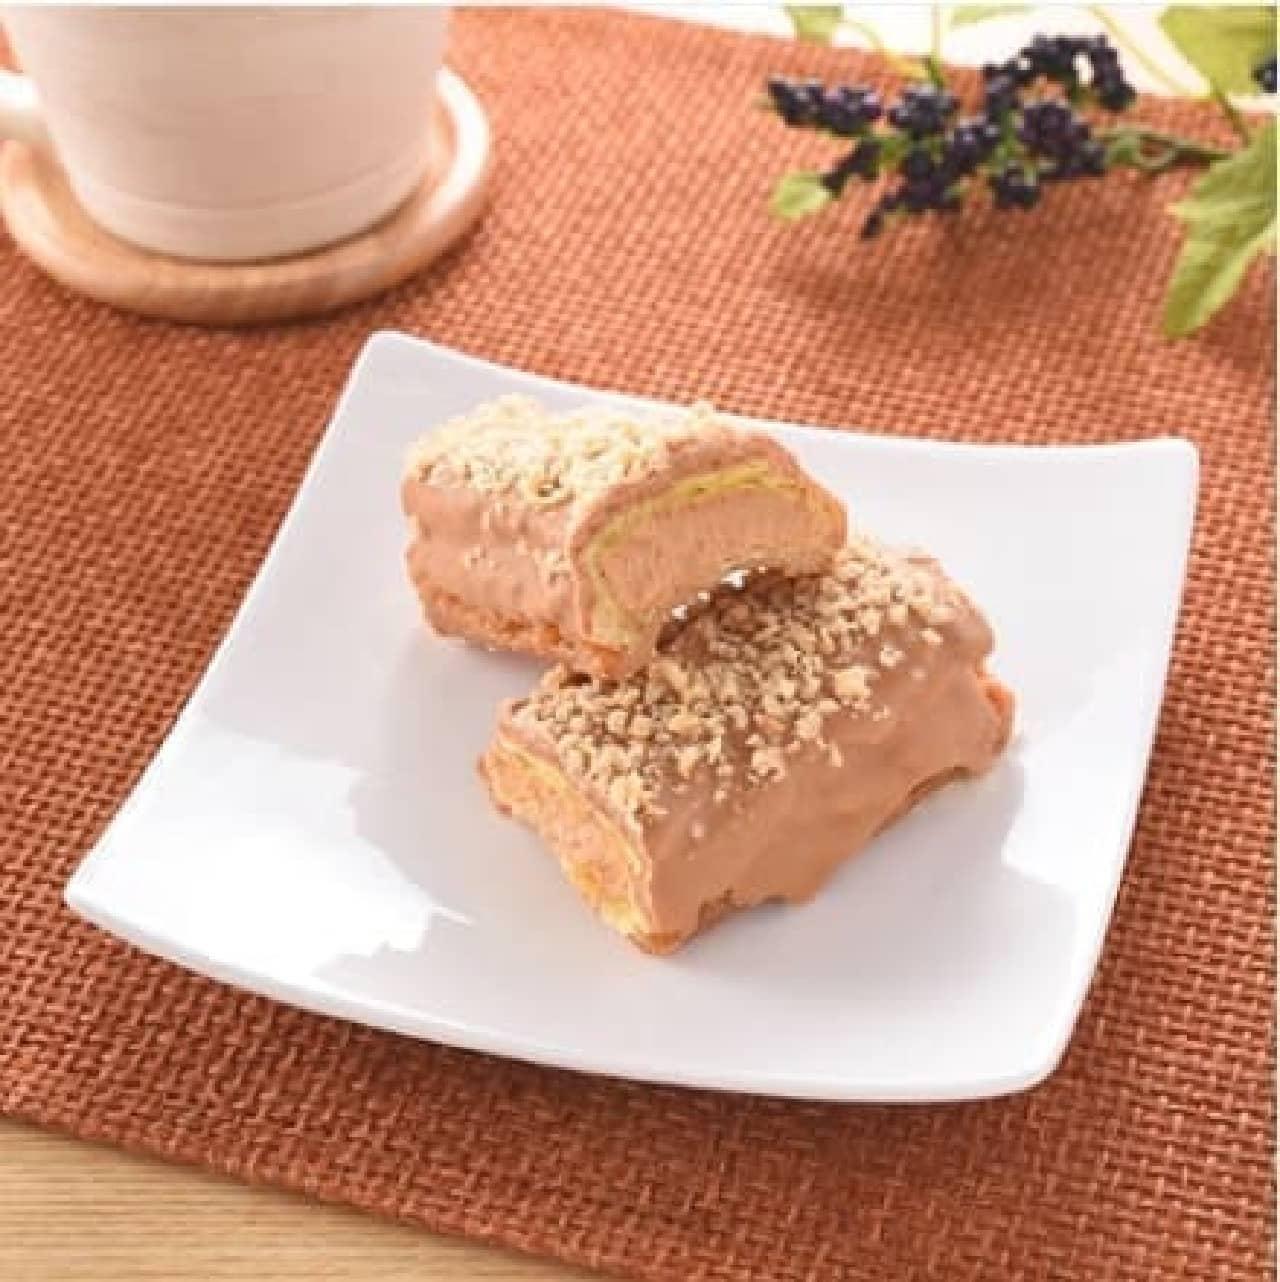 ファミリーマート「サクッと食感のキャラメルスティックドーナツ」